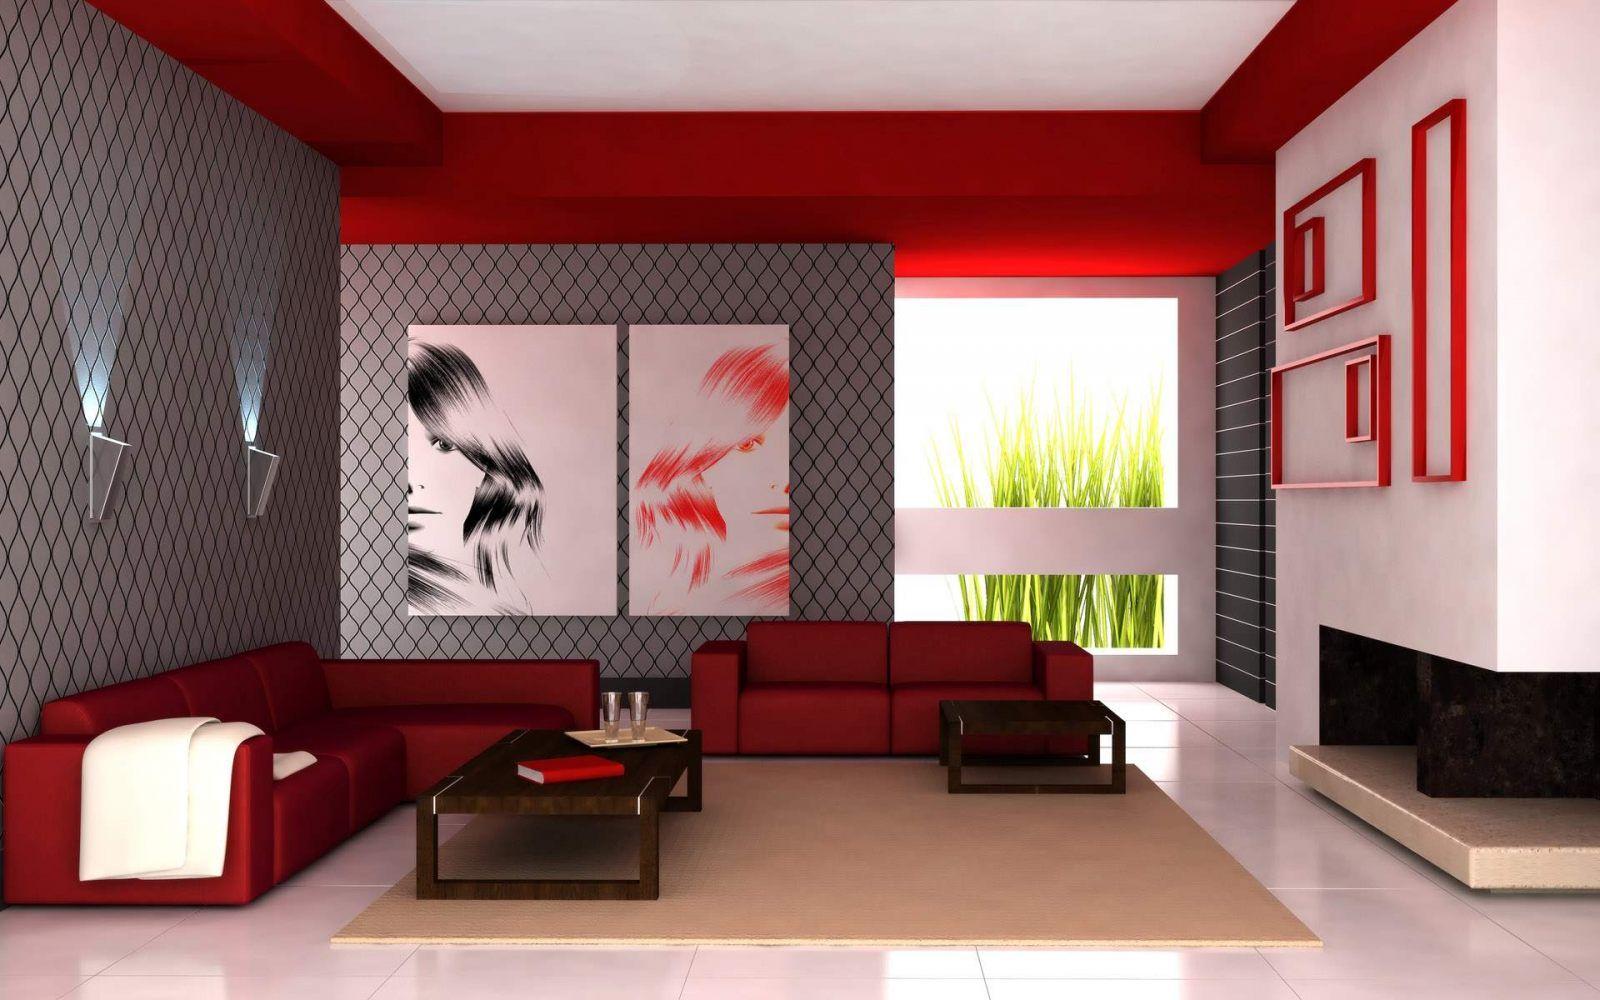 Sala Moderna Com Sof S Vermelhos Decora O De Ambientes  -> Papel De Parede Para Sala Com Sofa Vermelho